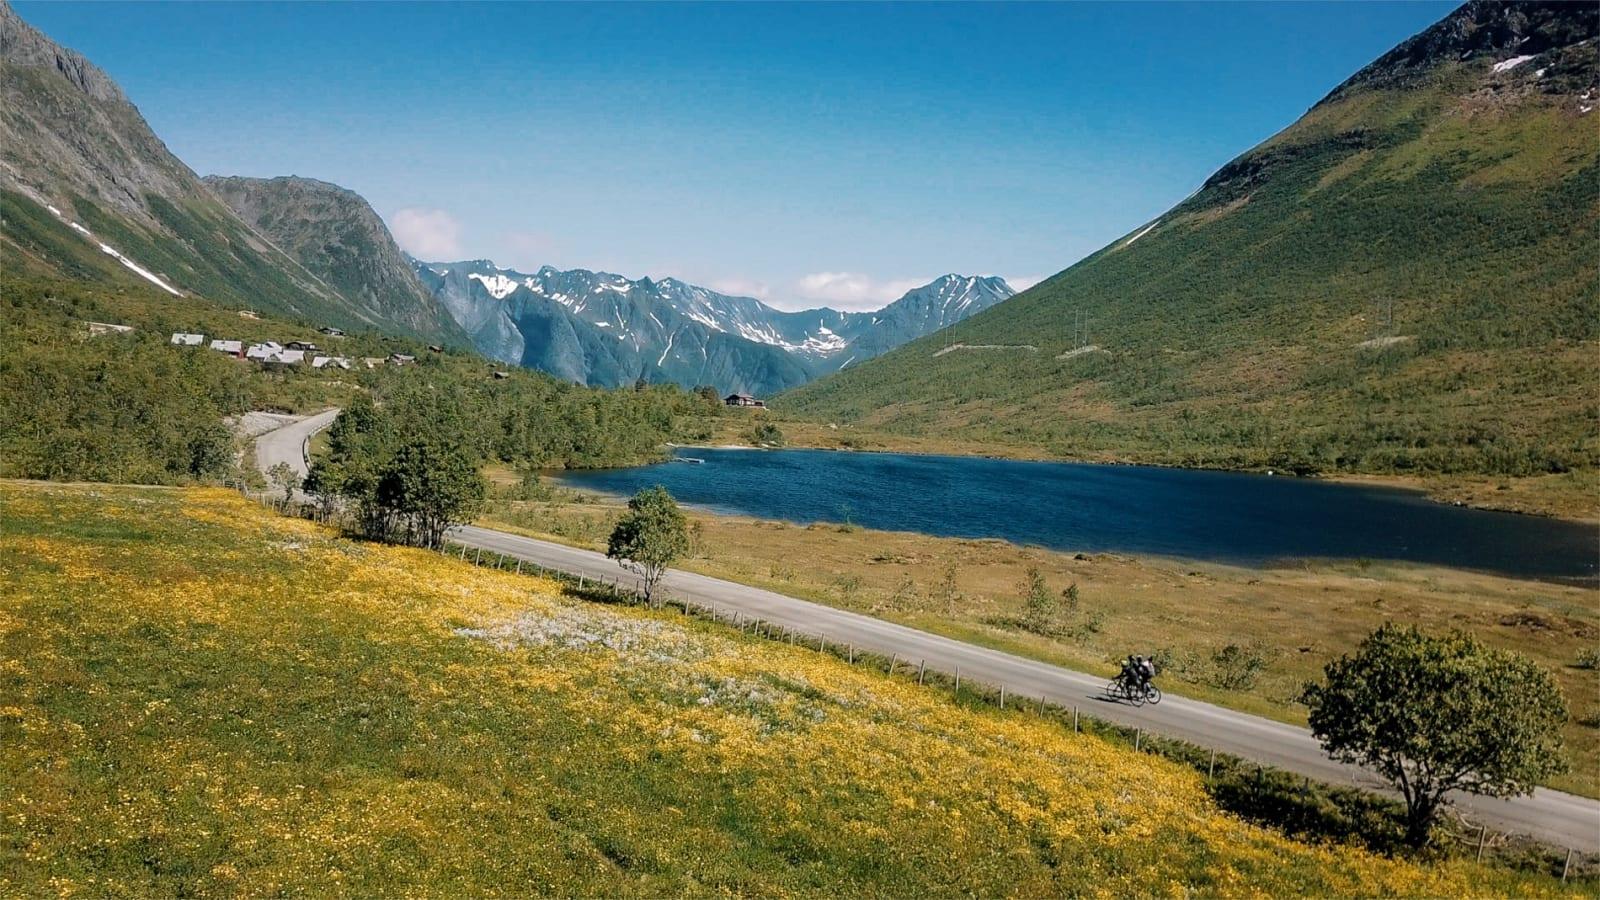 GRAND FINALE: Det er lite som står tilbake for avsluttende etappe på den fantastiske sykkelruta som går fra Hellesylt til Ålesund. Bilde: Magnus Roaldset Furset